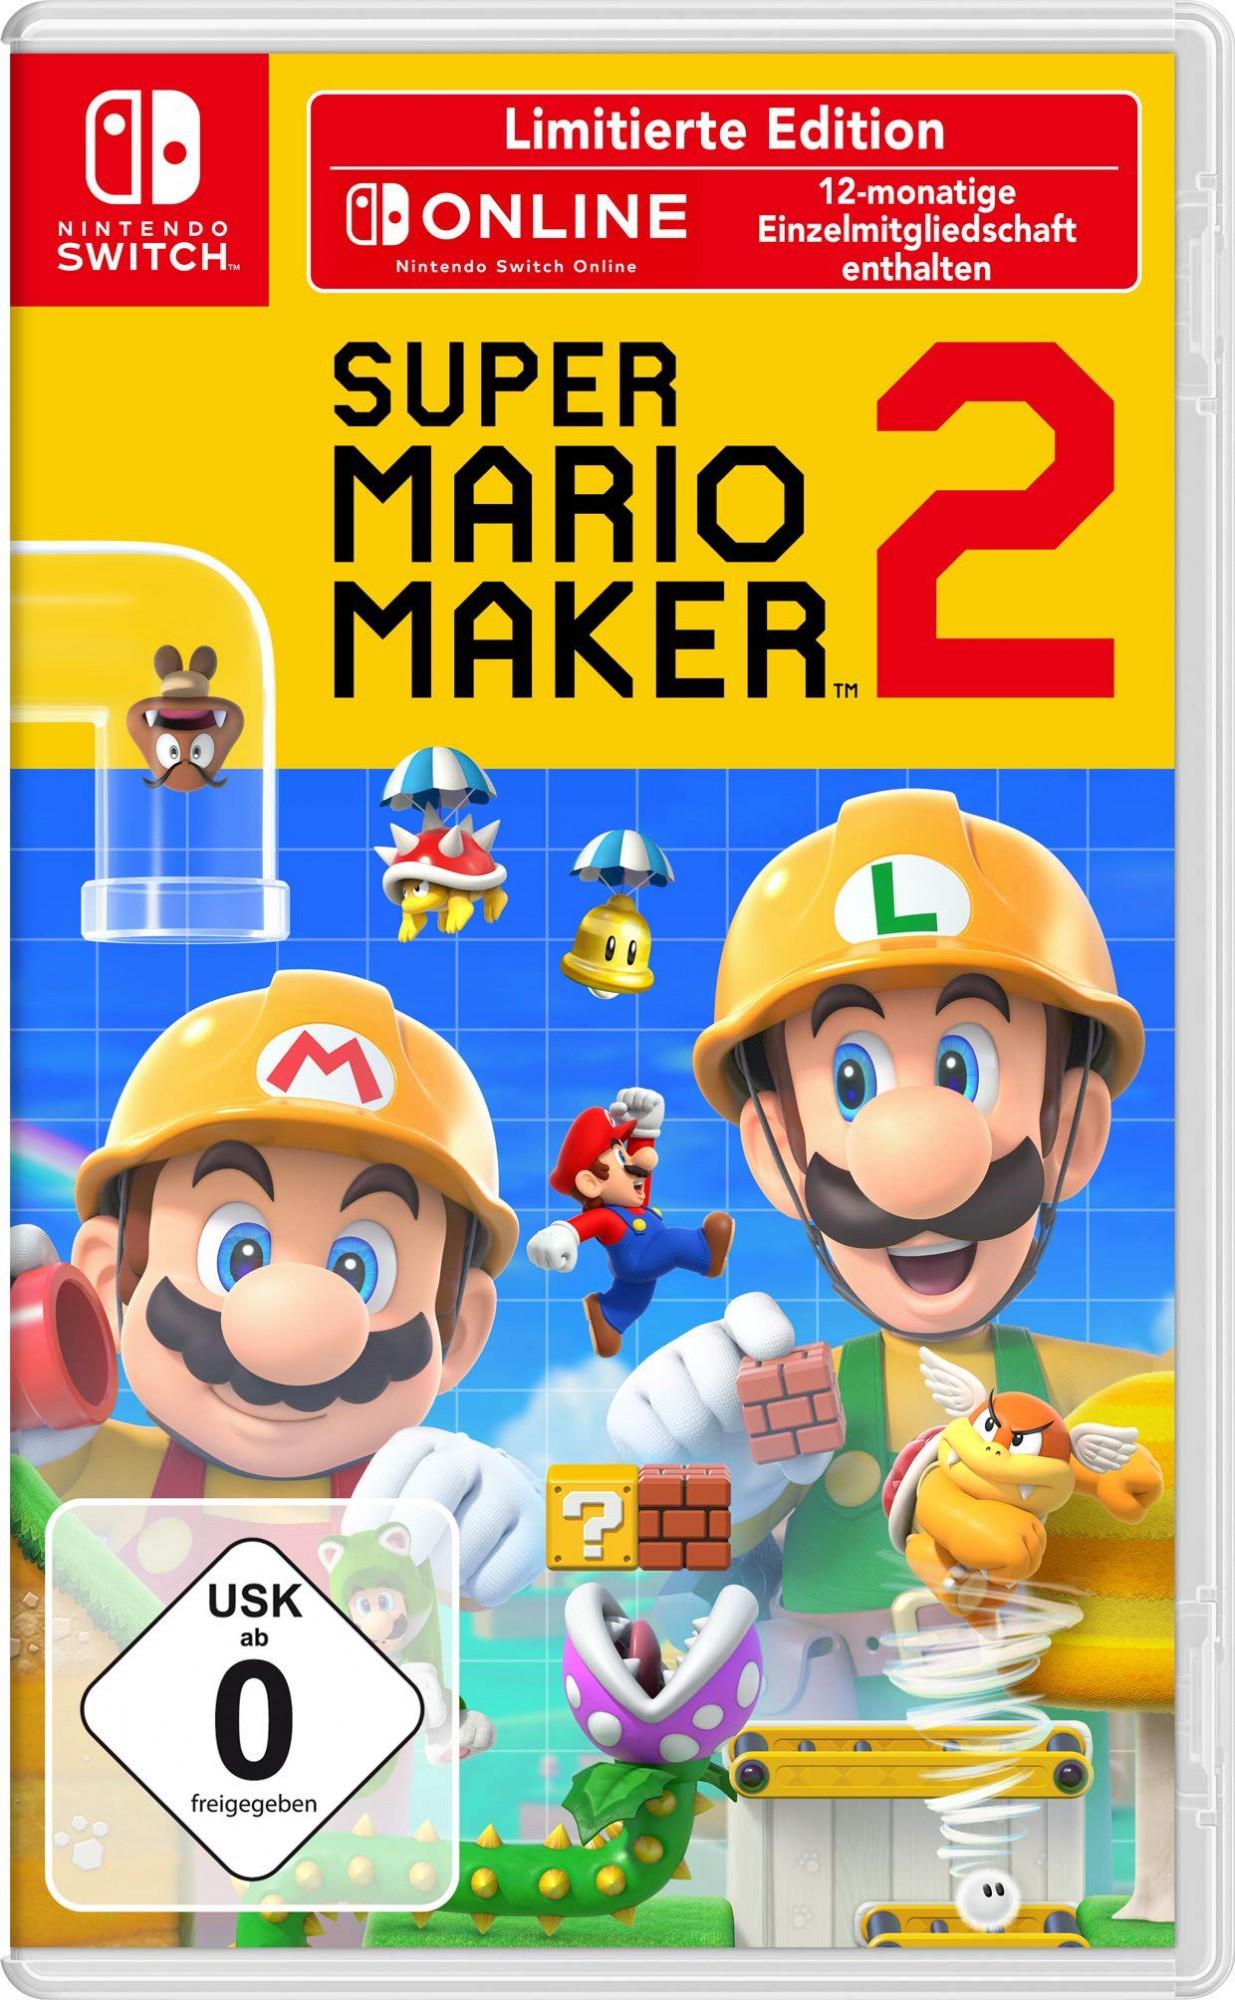 Super Mario Maker 2 #Limitierte Edition